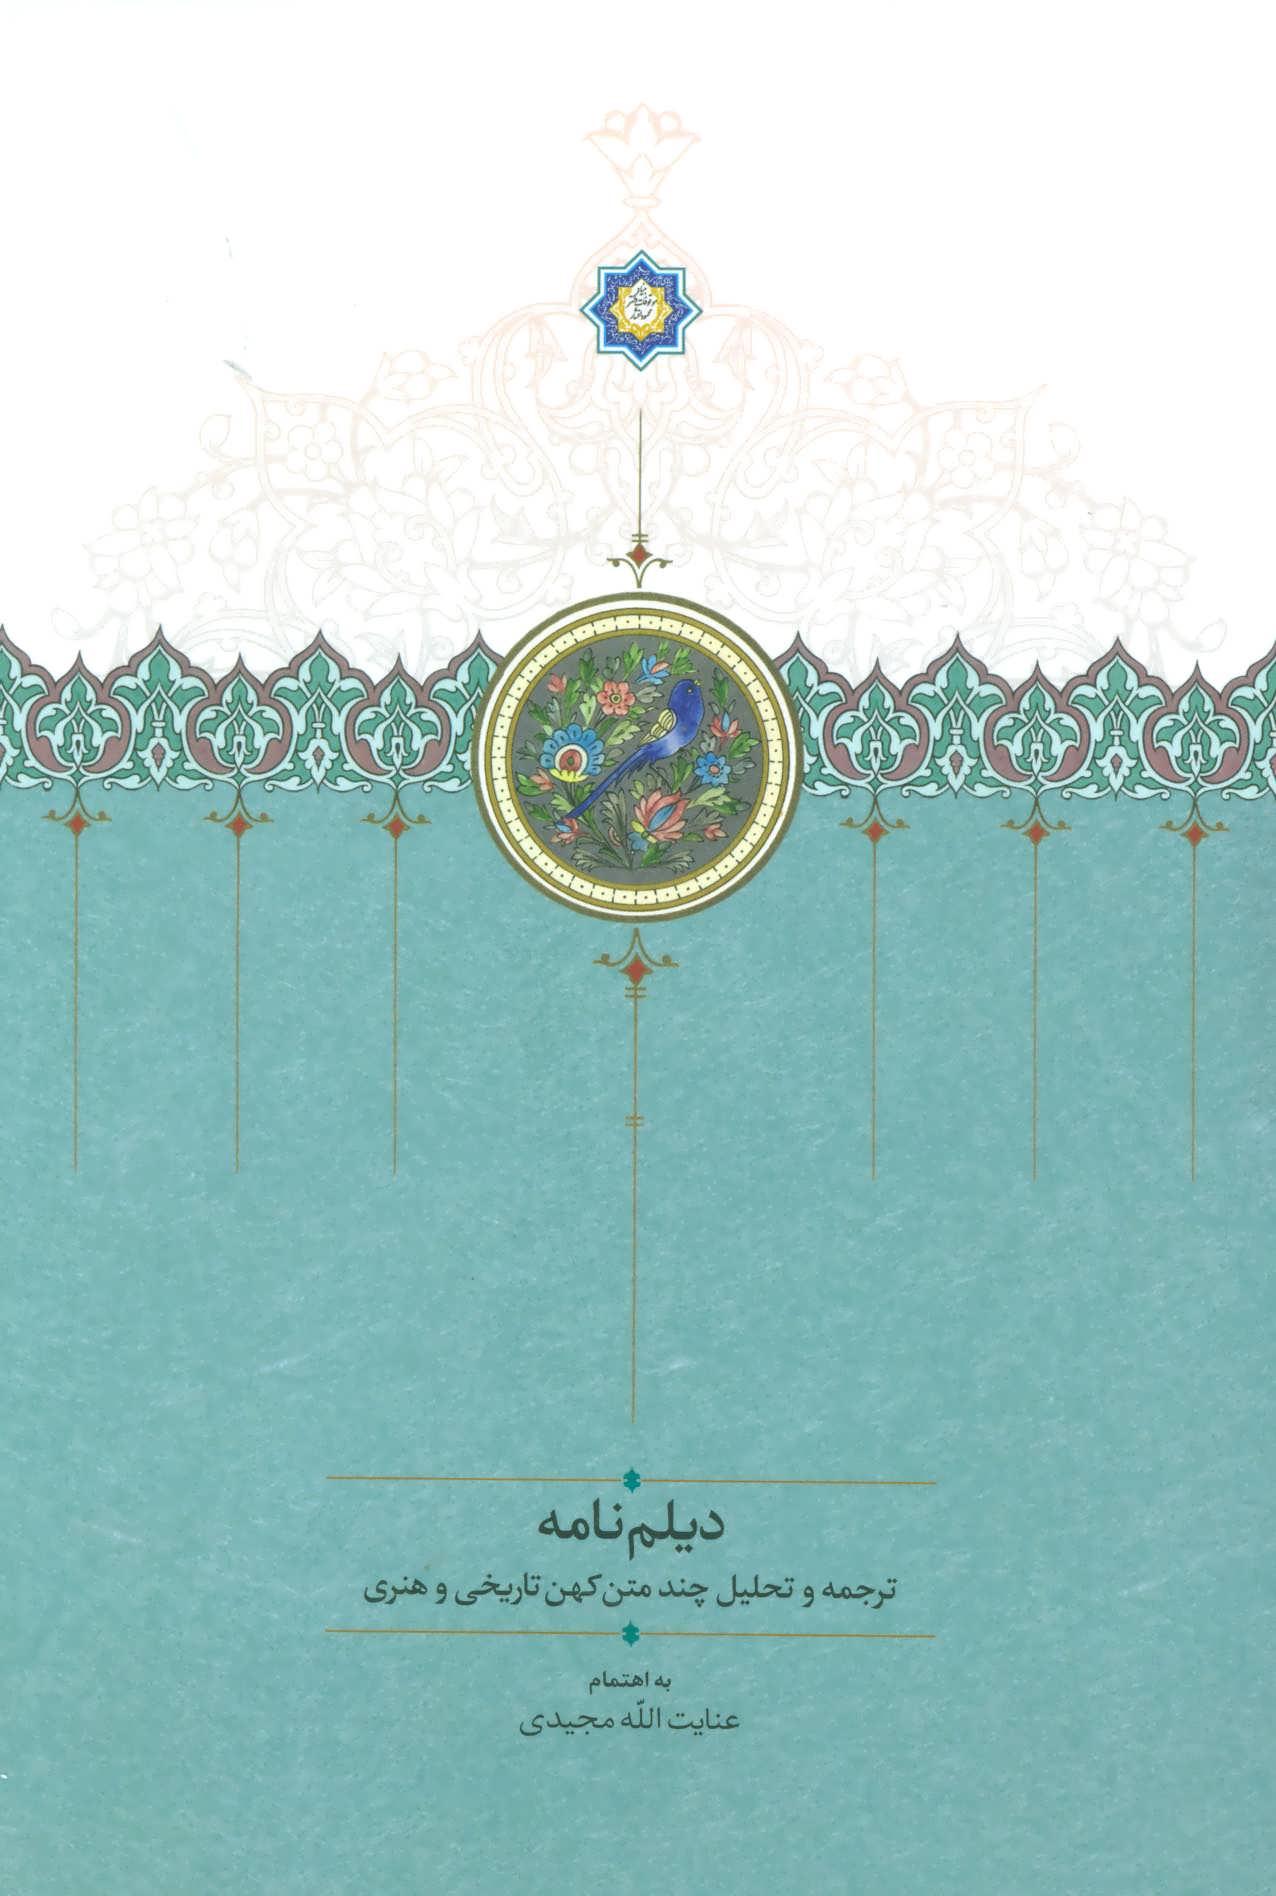 دیلم نامه (ترجمه و تحلیل چند متن کهن تاریخی و هنری)